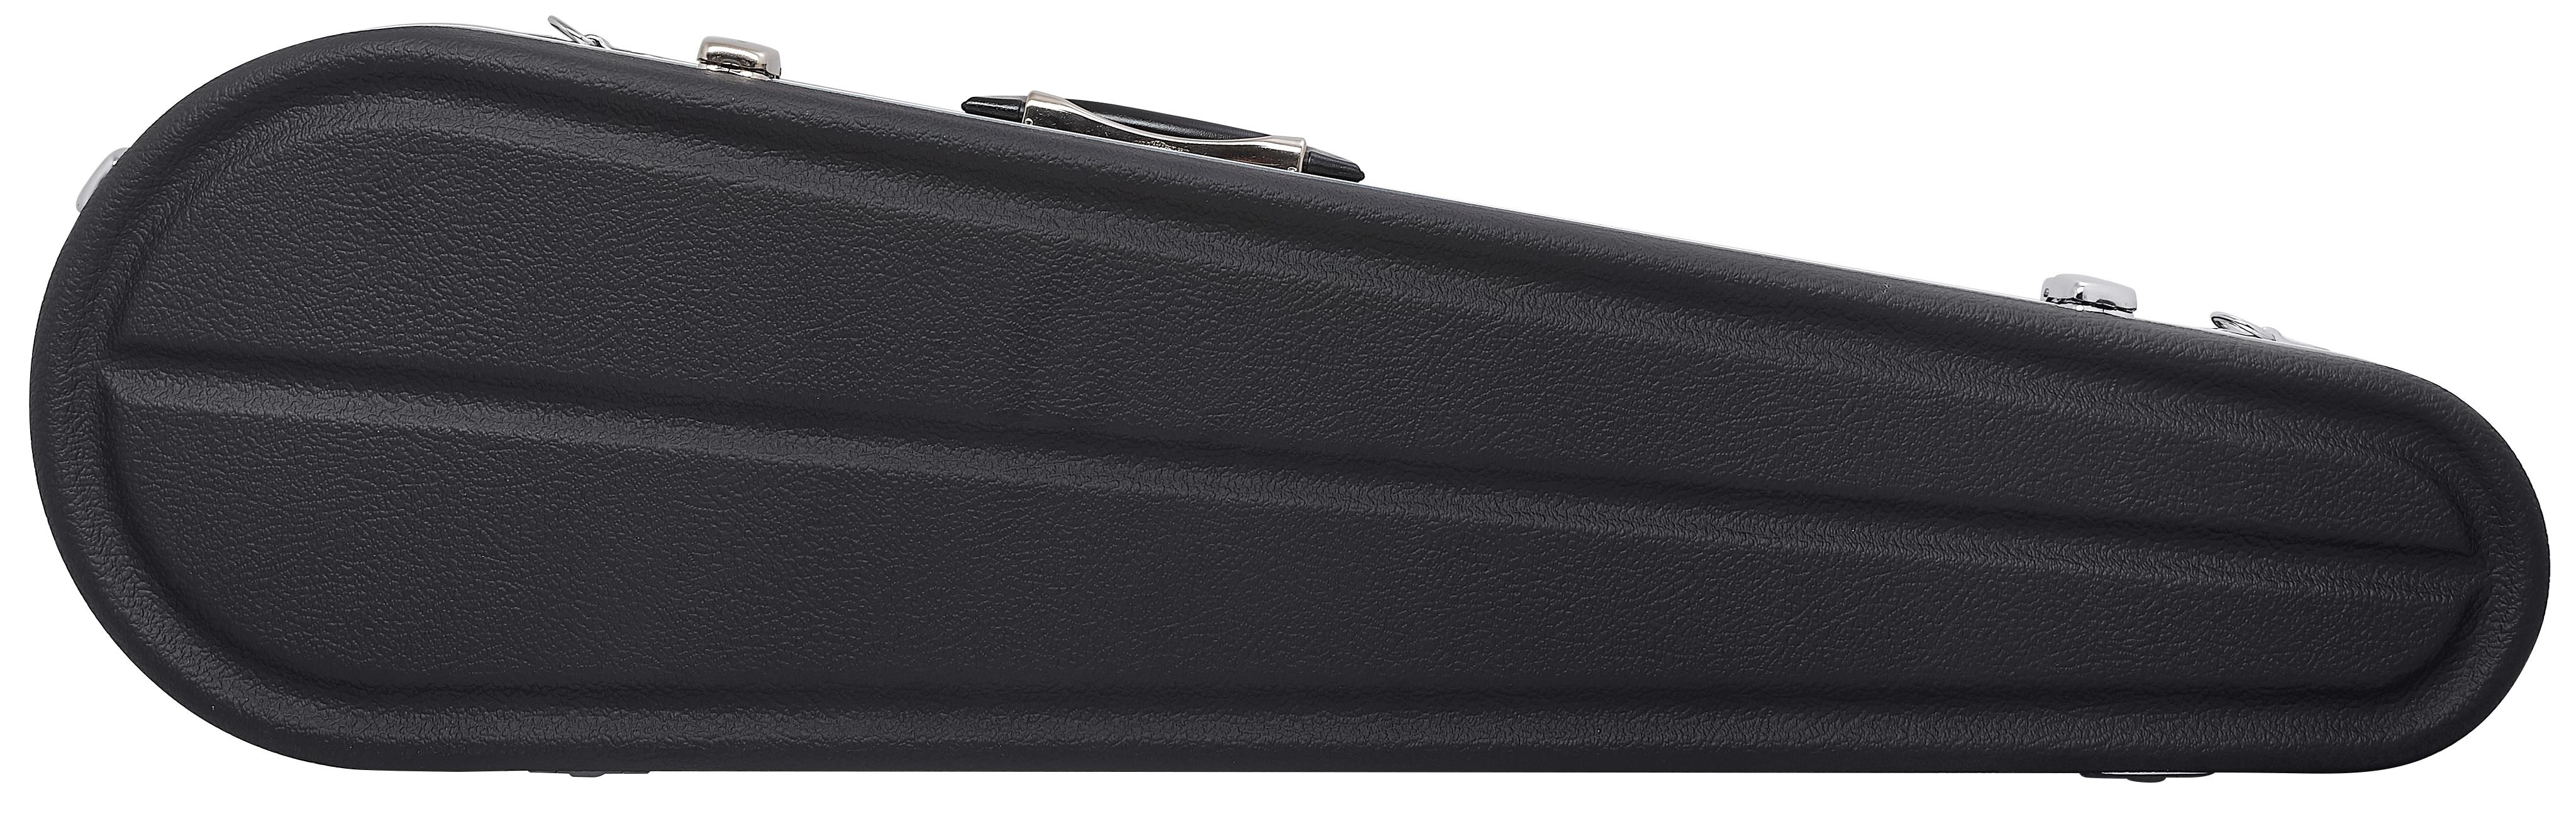 HISCOX Shaped Violin Case - Black/Silver